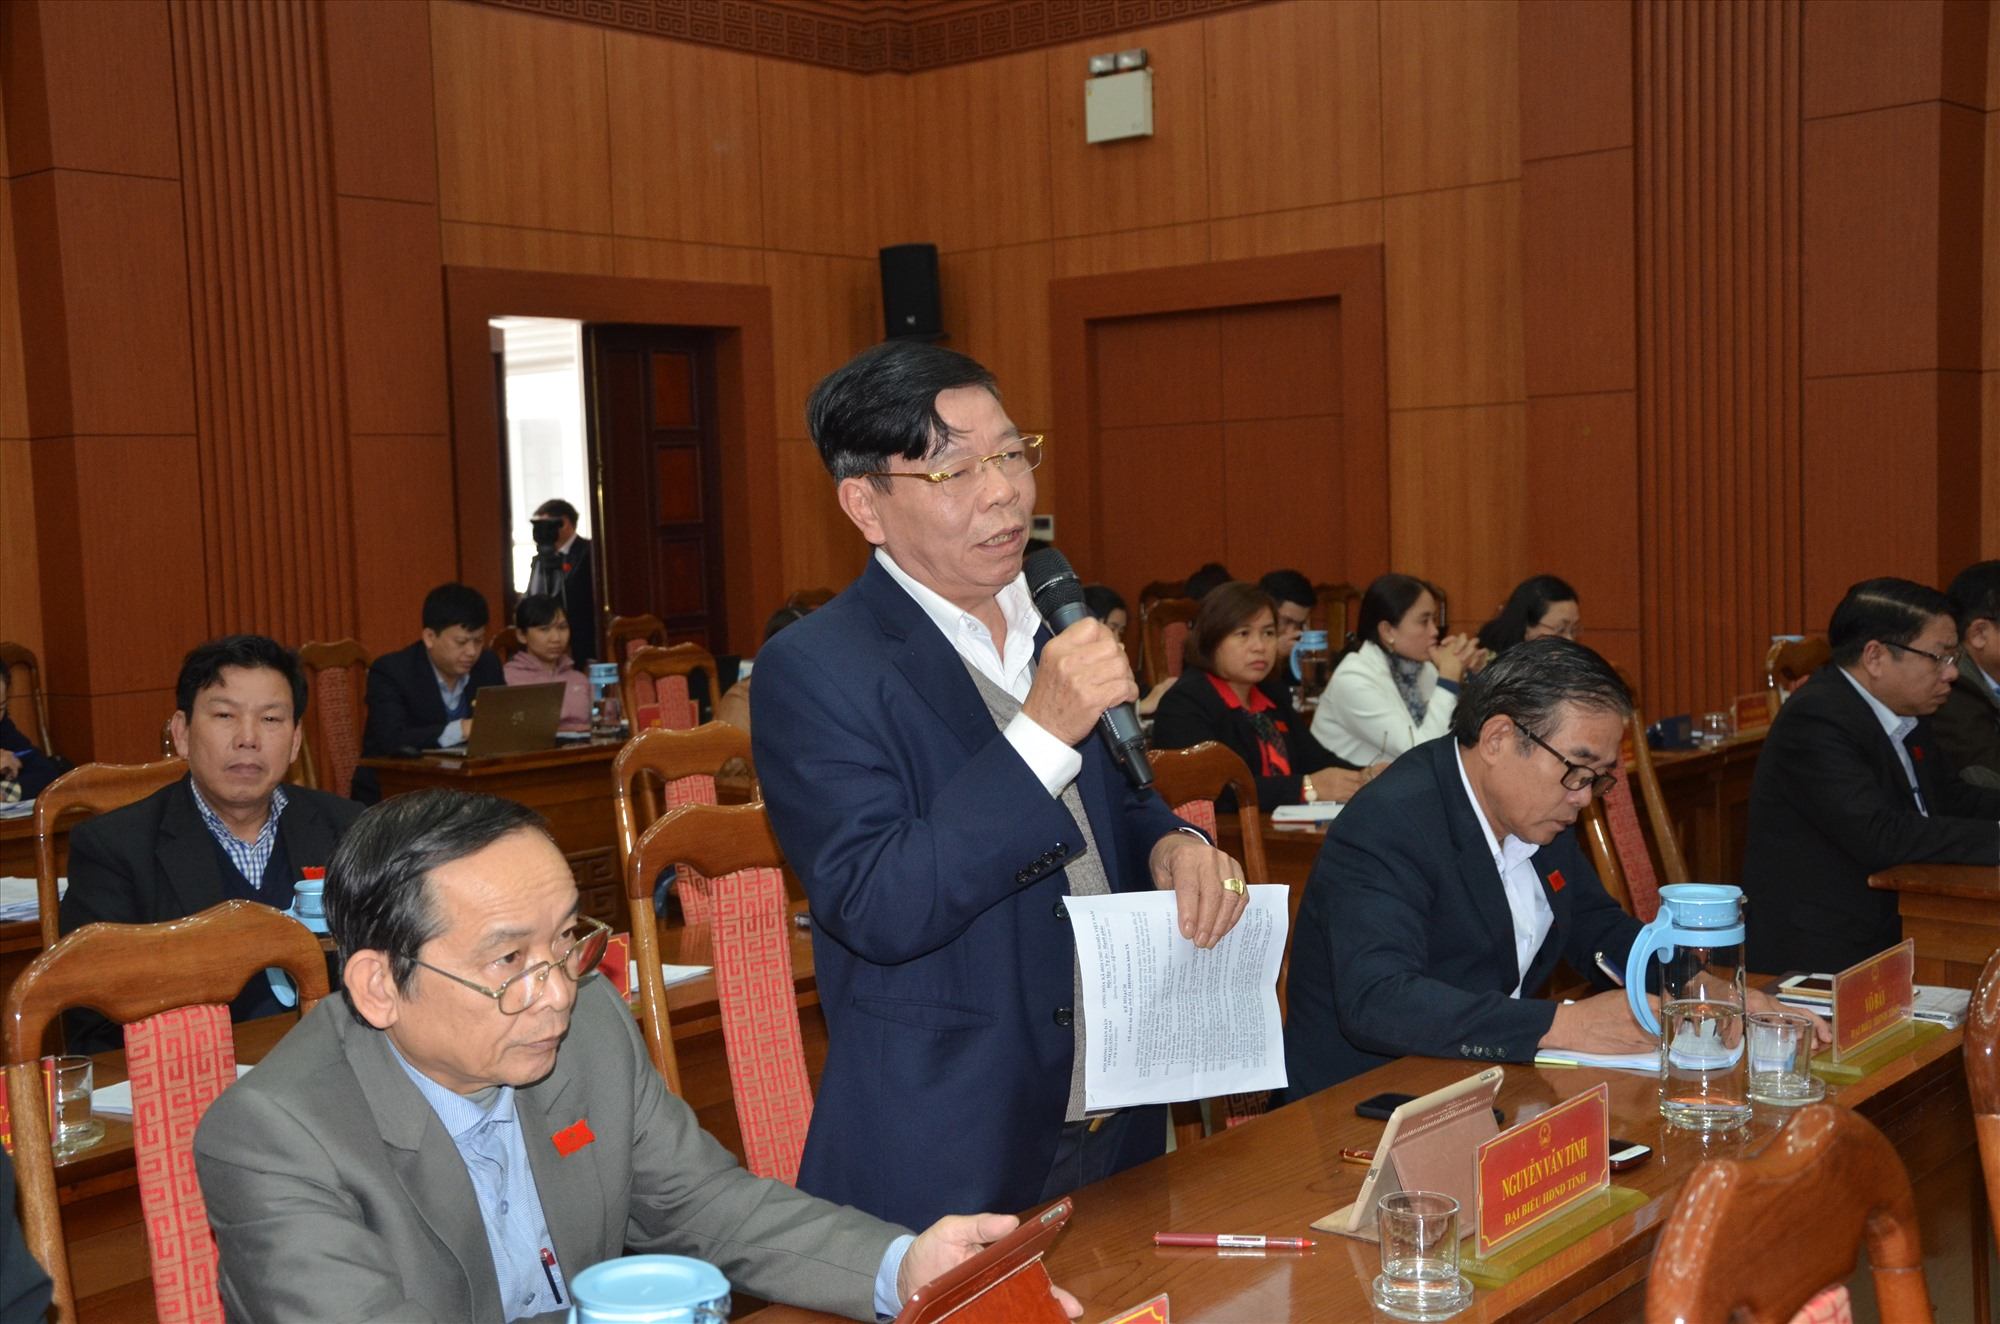 Ông Nguyễn Văn Tỉnh - Bí thư Huyện ủy Hiệp Đức phát biểu tại phiên thỏa luận chung tại hội trường. Ảnh: H.P